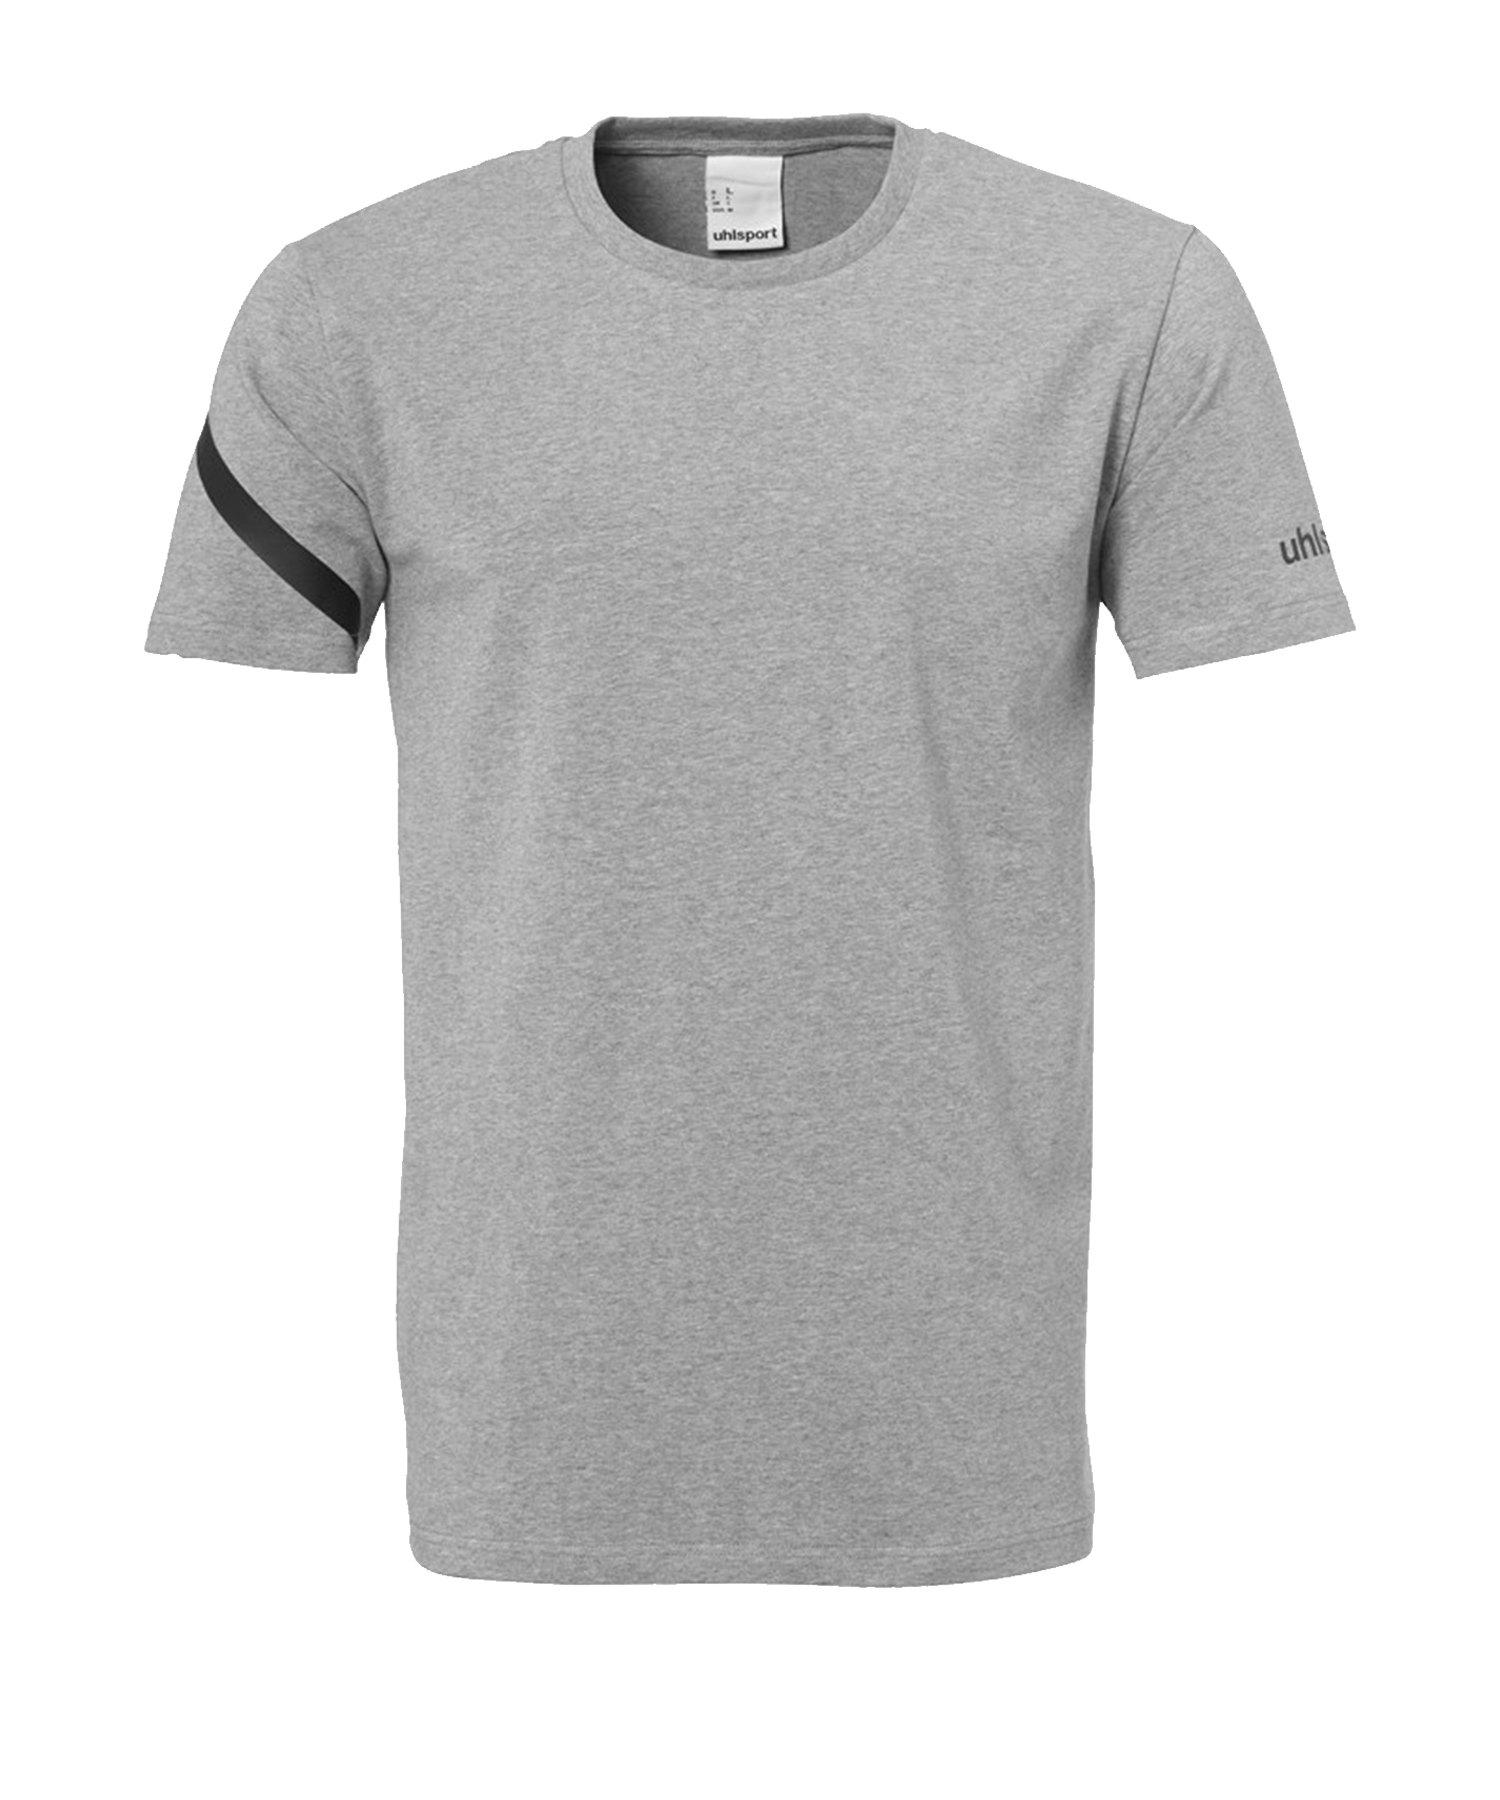 Uhlsport Essential Pro T-Shirt Grau F15 - Schwarz